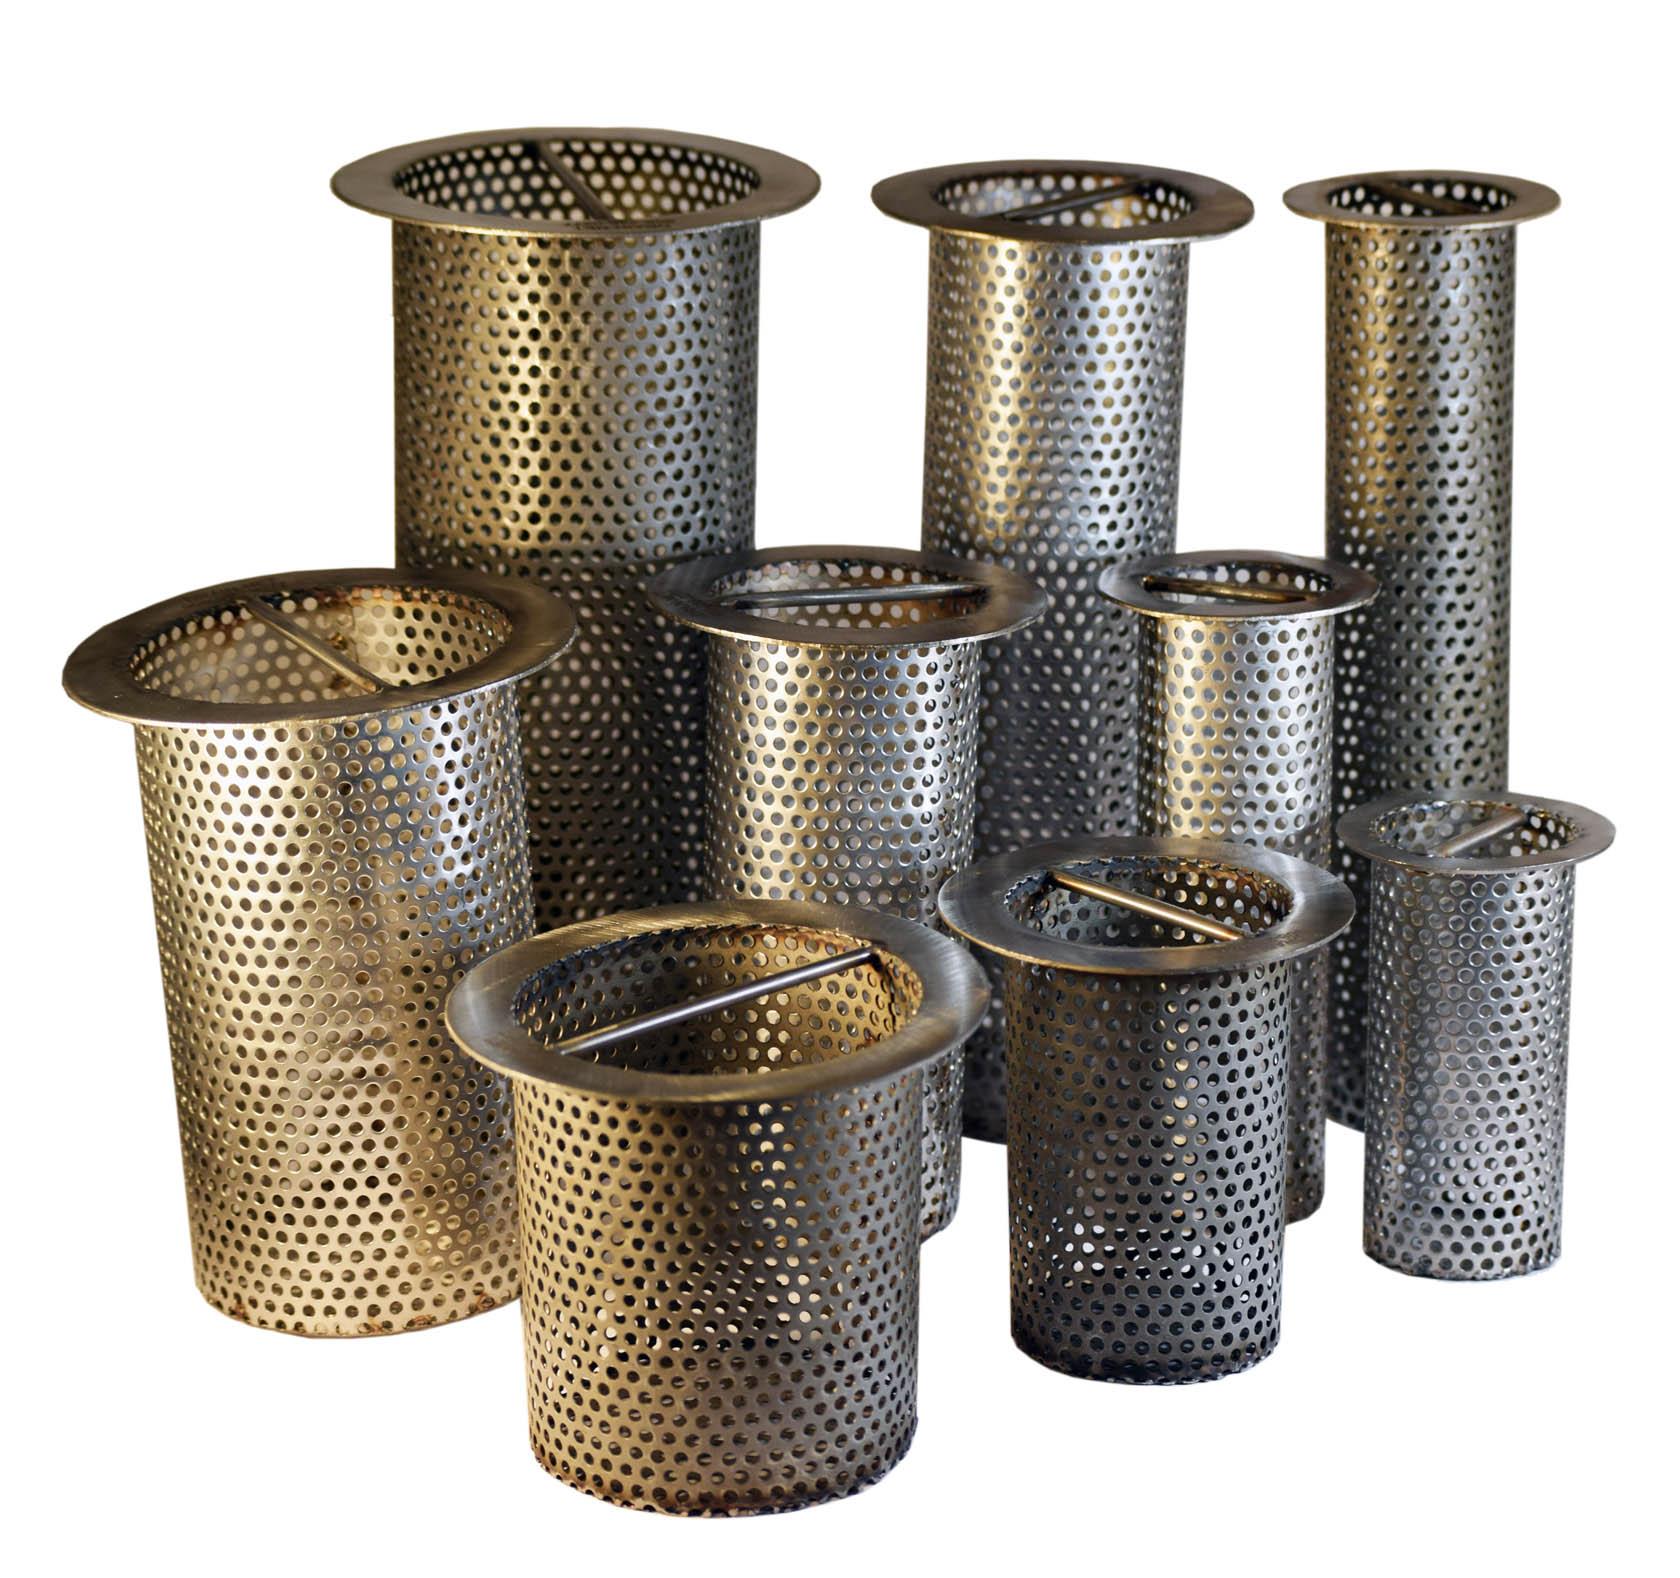 Floor Drain Stainless Steel Strainer for Commercial